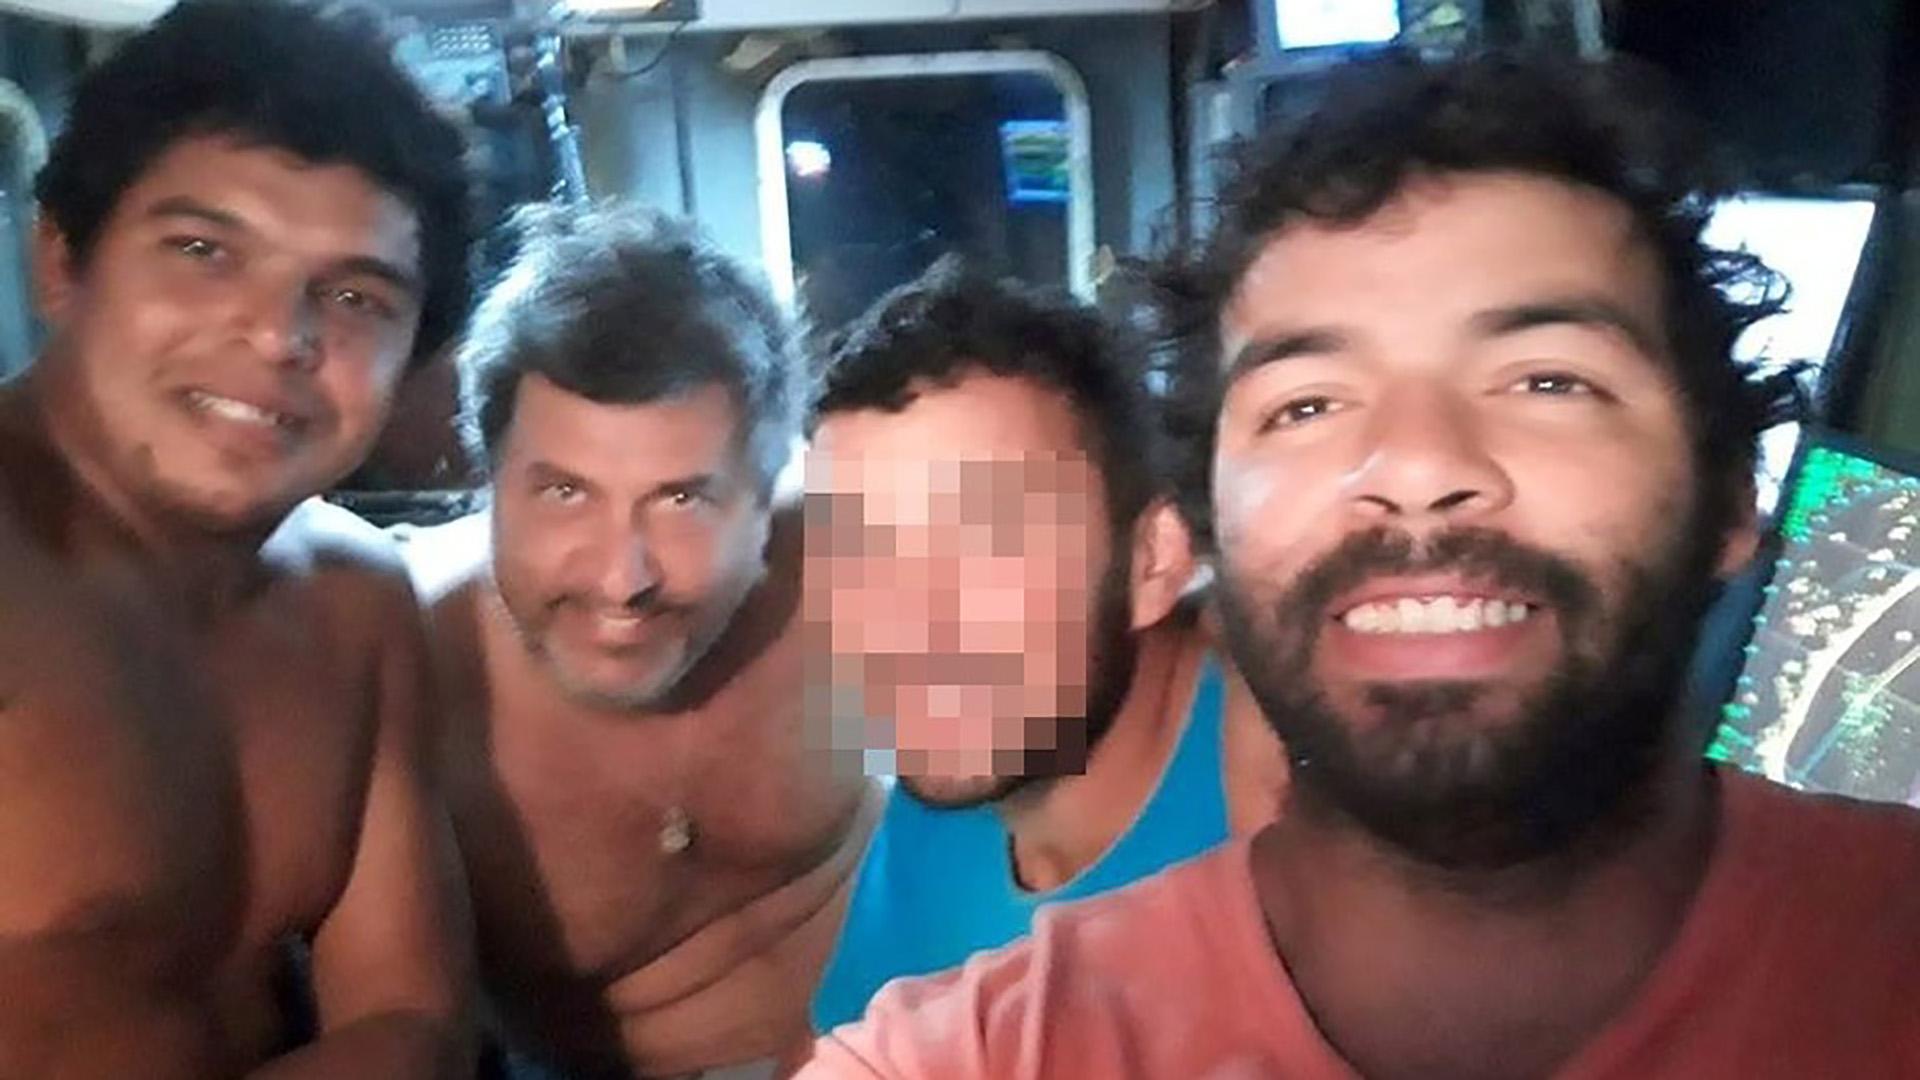 El marinero Rodrigo Blanco, el capitán Salvador Taliercio, otro hombre, y Luciano Mieres. La foto fue publicada en Facebook.